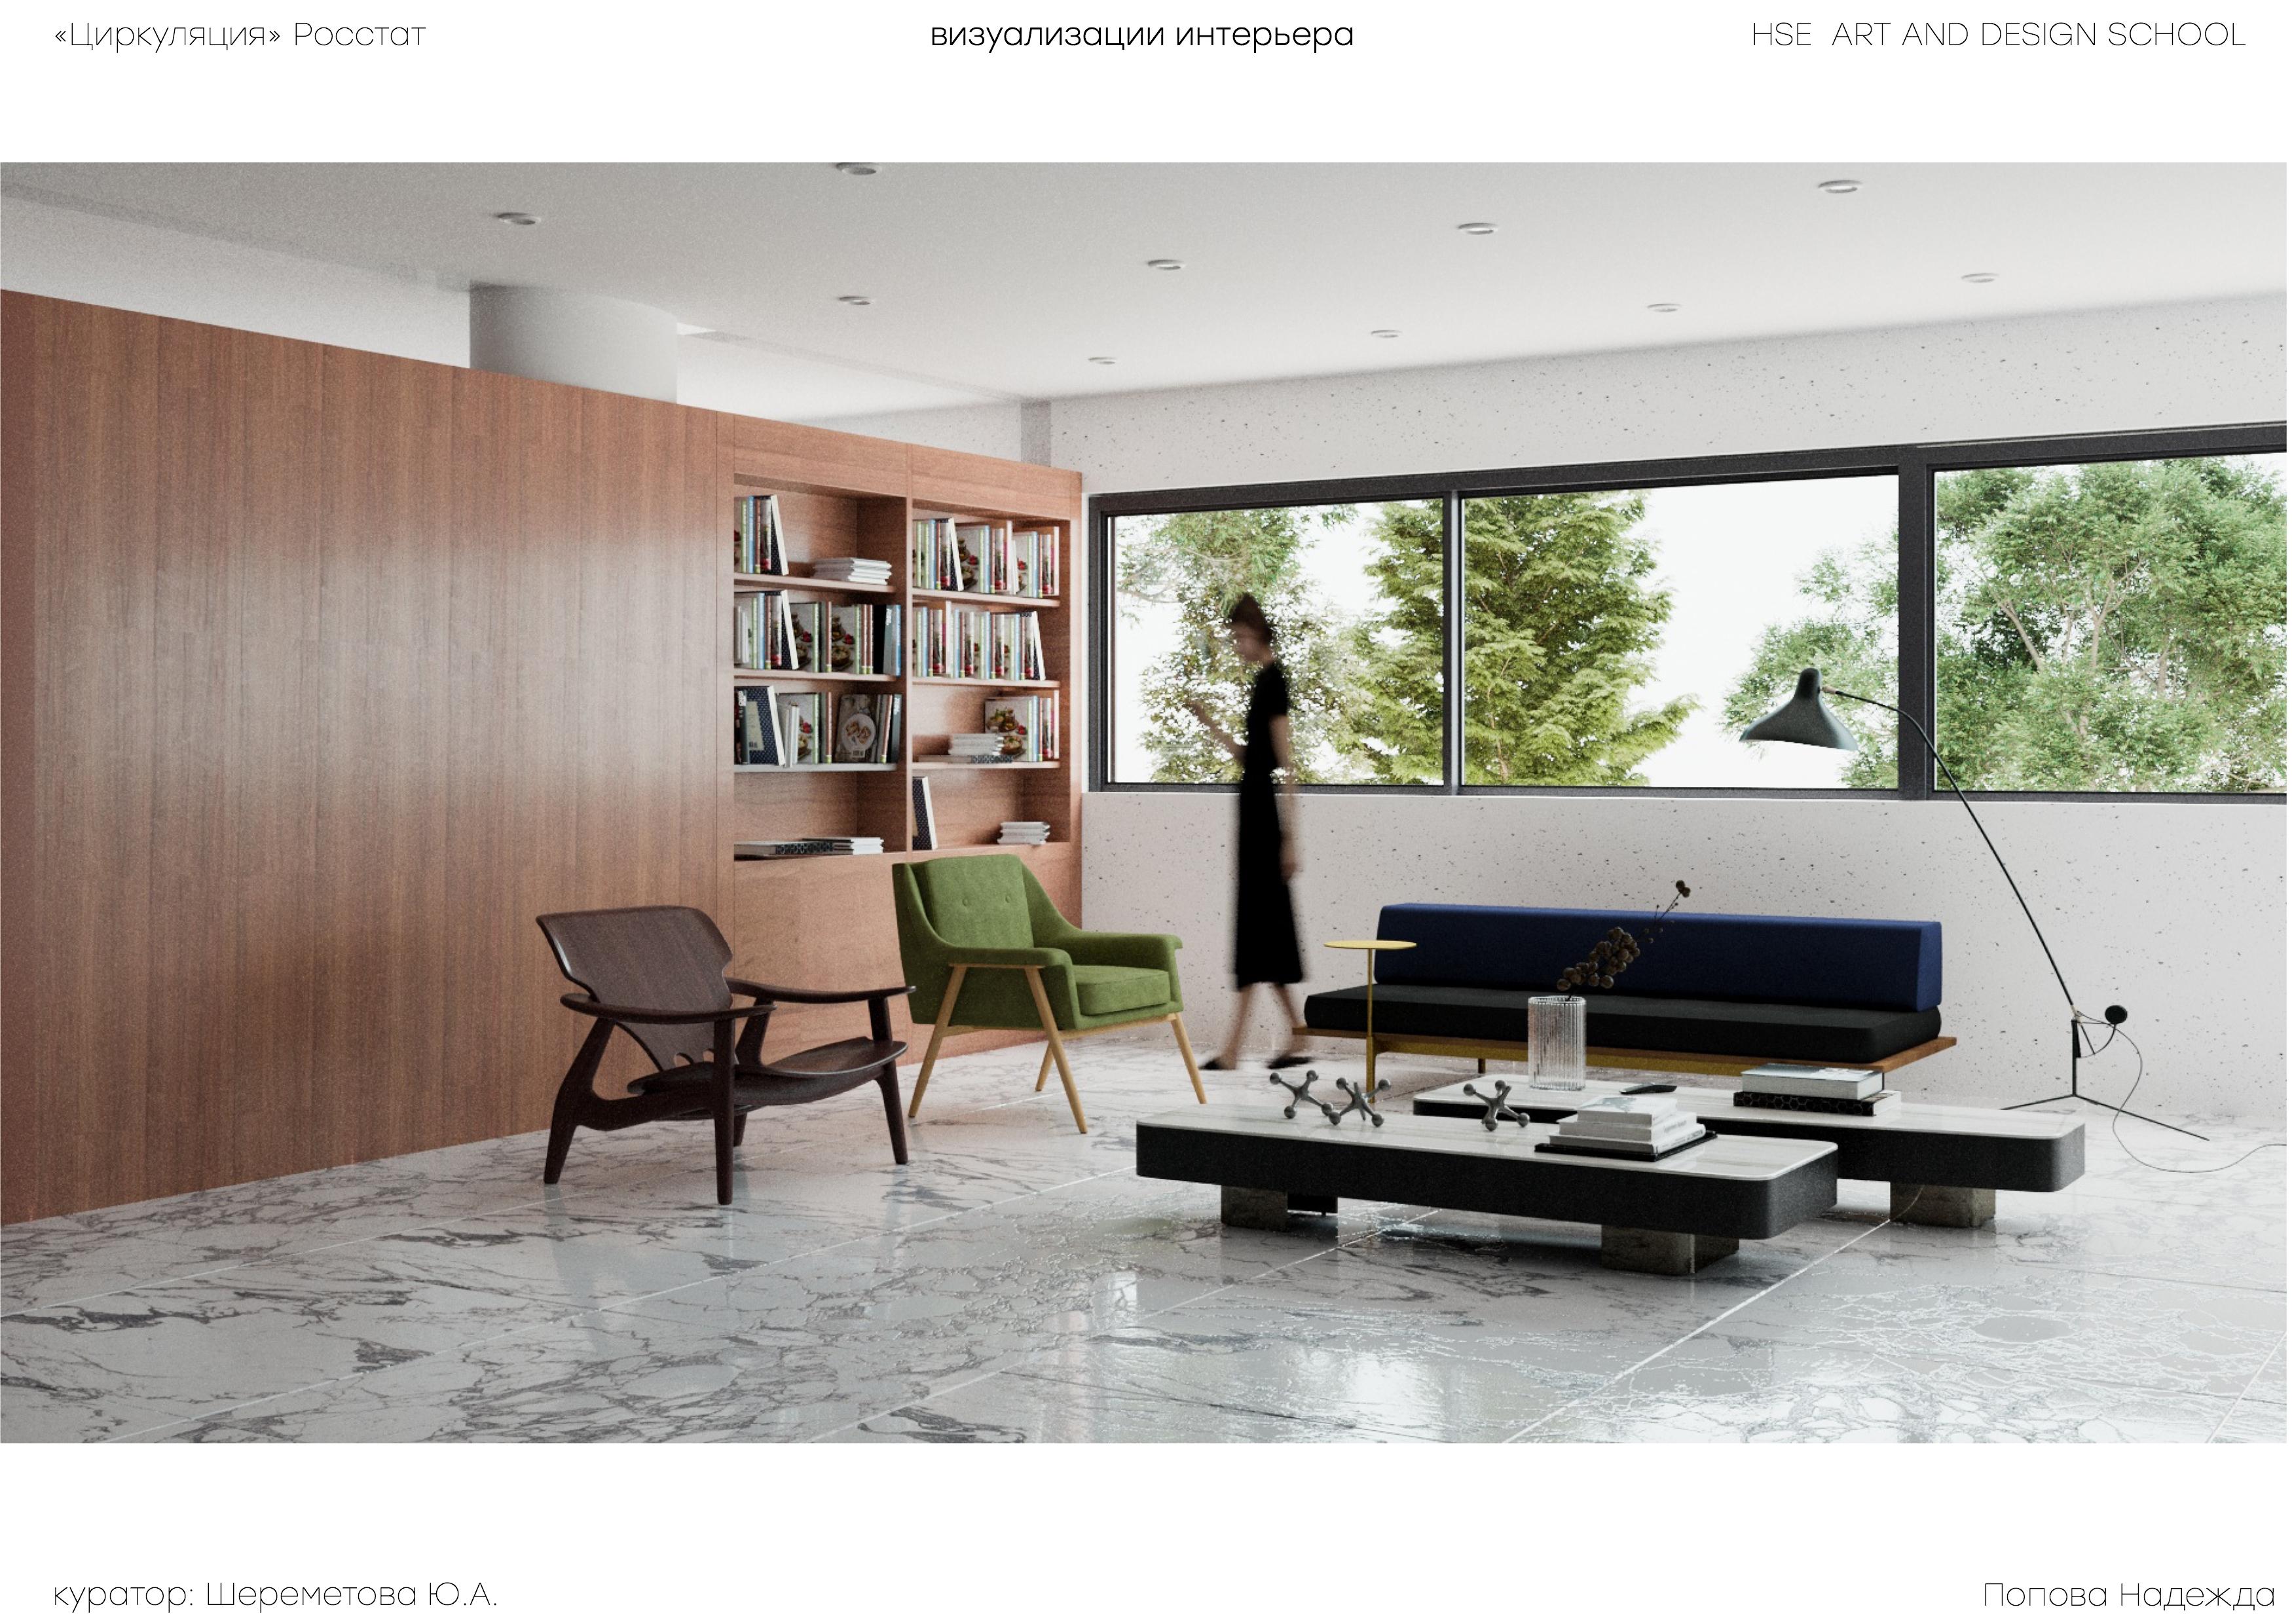 Организация пространств Росстата. Проект Лаборатории дизайна ВШЭ. Были предложены концепции организации пространства для столовой и кабинетов - hsedesignlab.ru